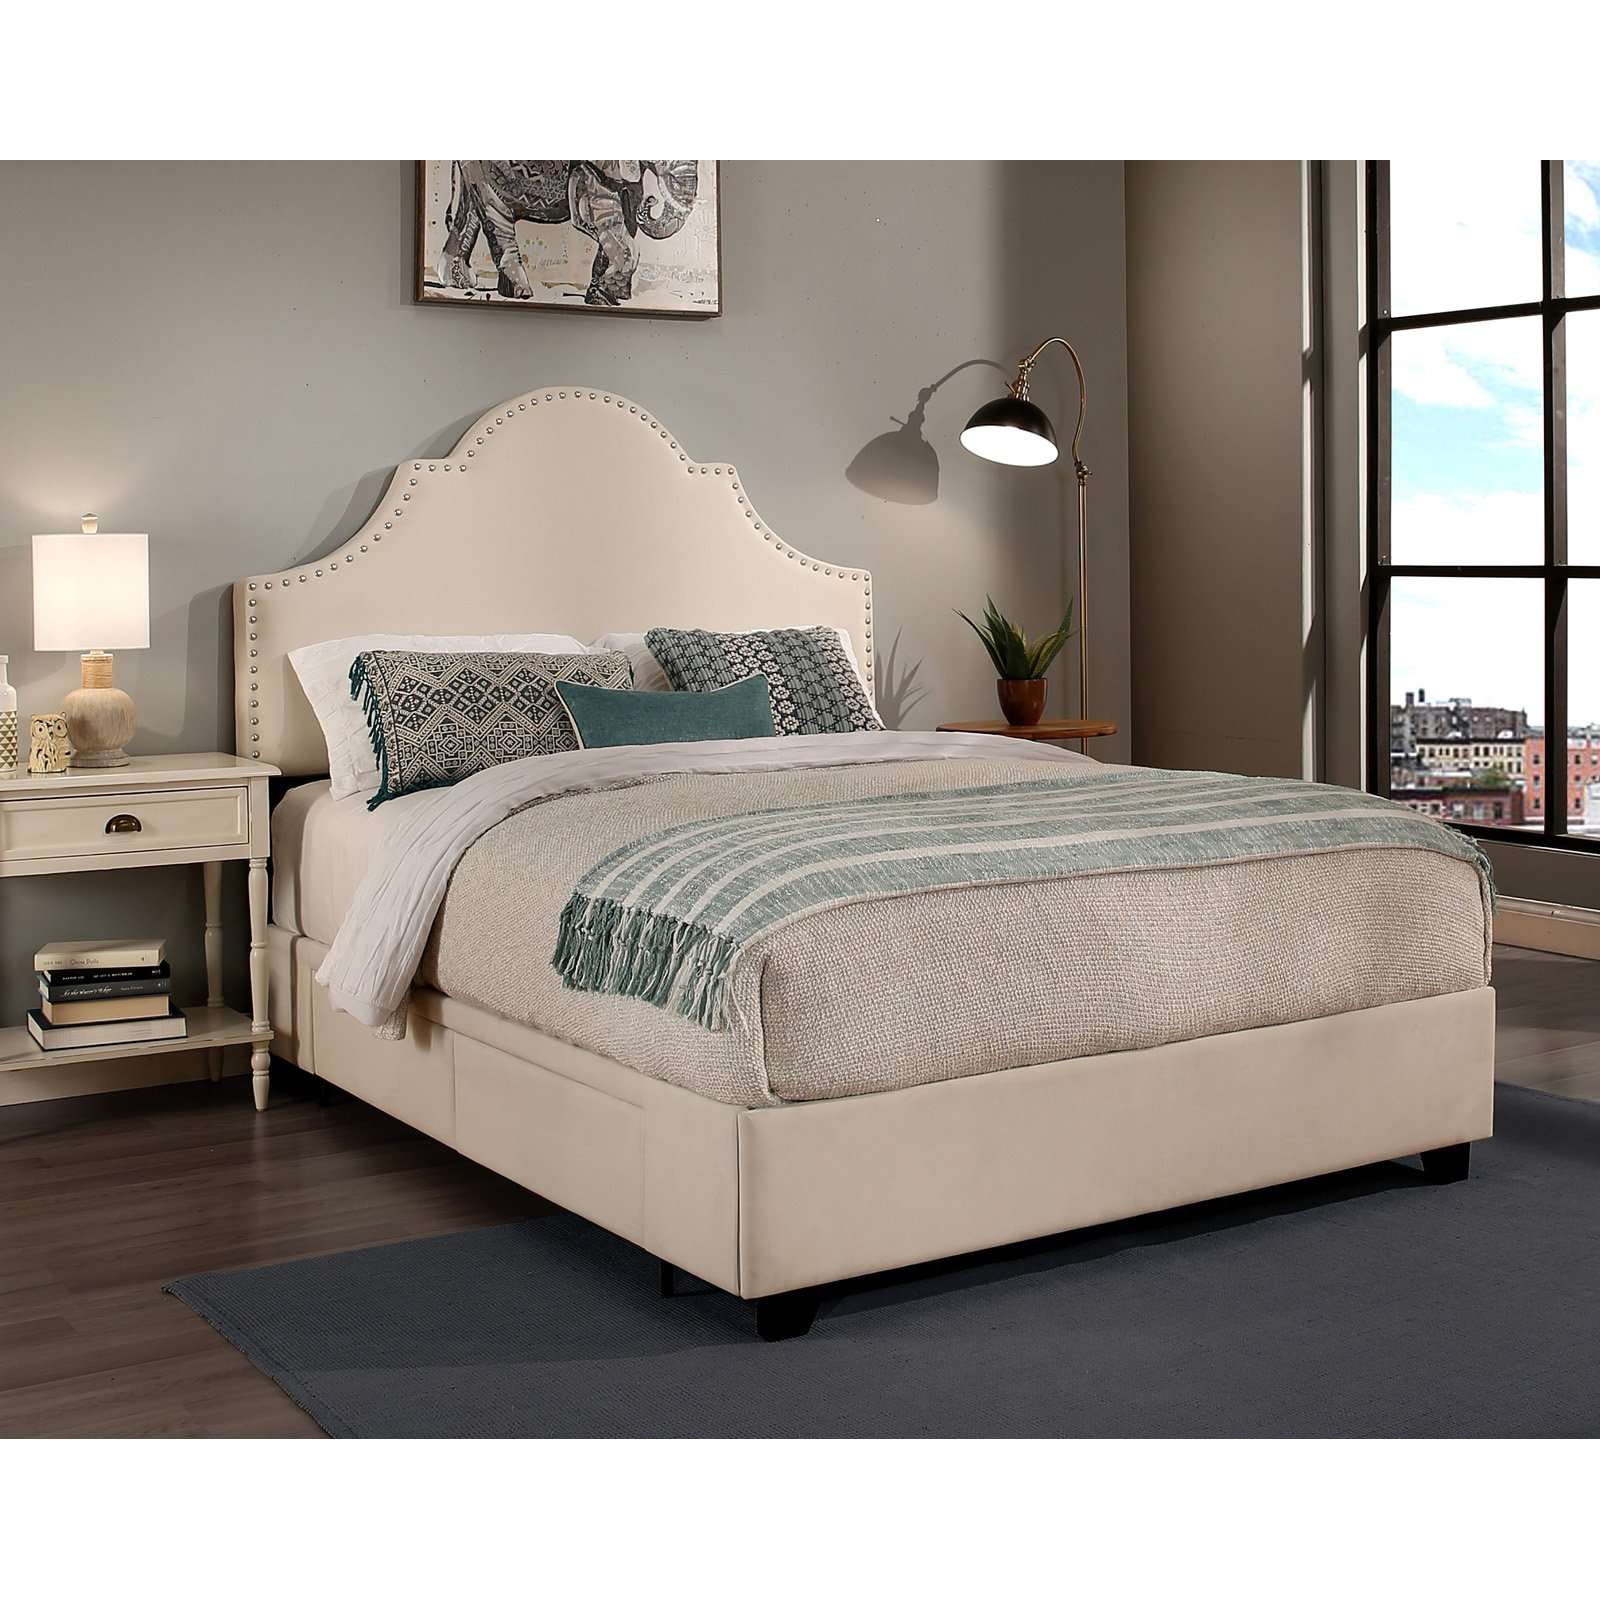 Republic Design House Portman Upholstered Platform Storage Bed